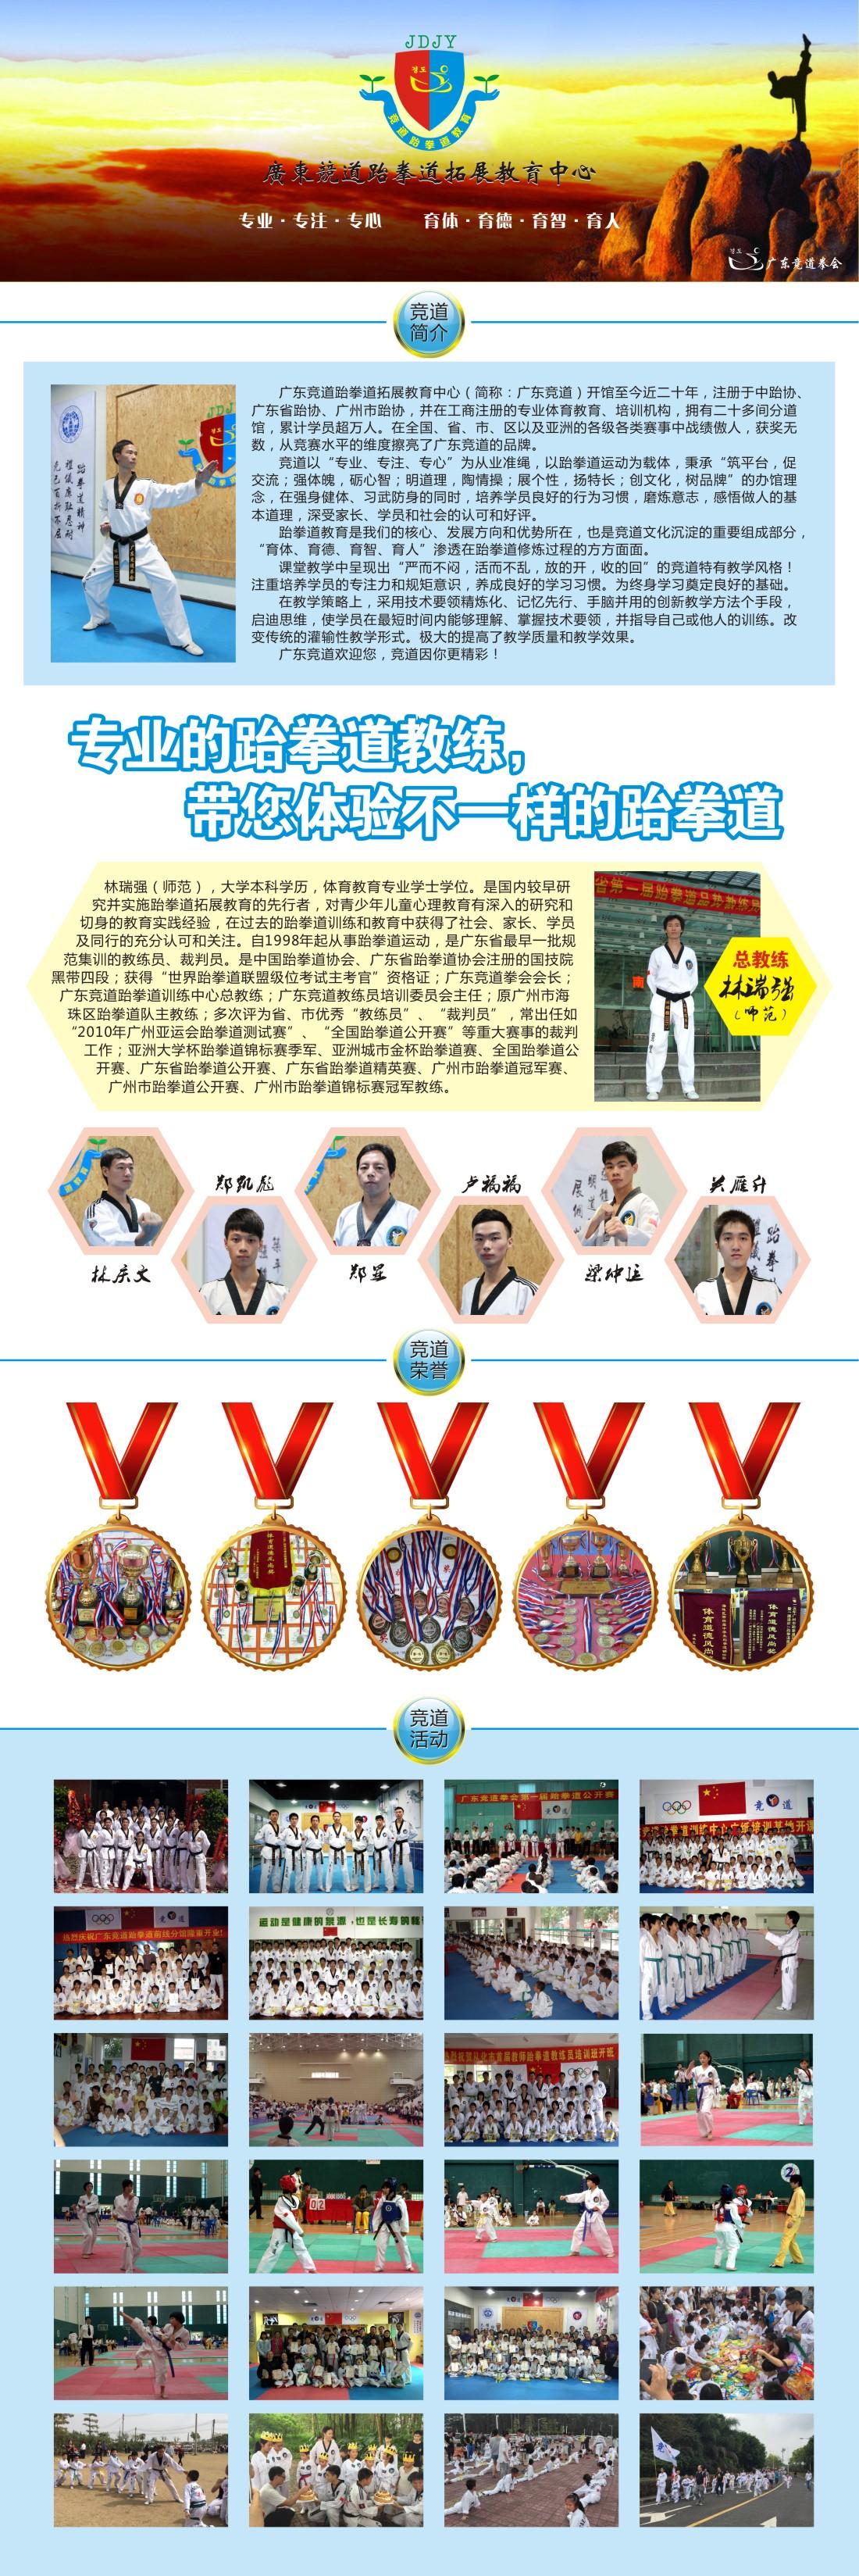 游戏茶苑斗牛的玩法简介 - 棋牌游戏玩法介绍的日志 - 网易博客游戏茶苑斗牛的玩法简介 - 棋牌游戏玩法介绍的日志 - 网易博客牛牛游戏介绍 牛牛(牛牛游戏下载)是流行于浙南一带的游戏,玩家要是可以将手中的五张牌,以三张一卡、两张一卡的形势排列成10的倍数,此种牌就被称为斗牛。 玩牛牛.